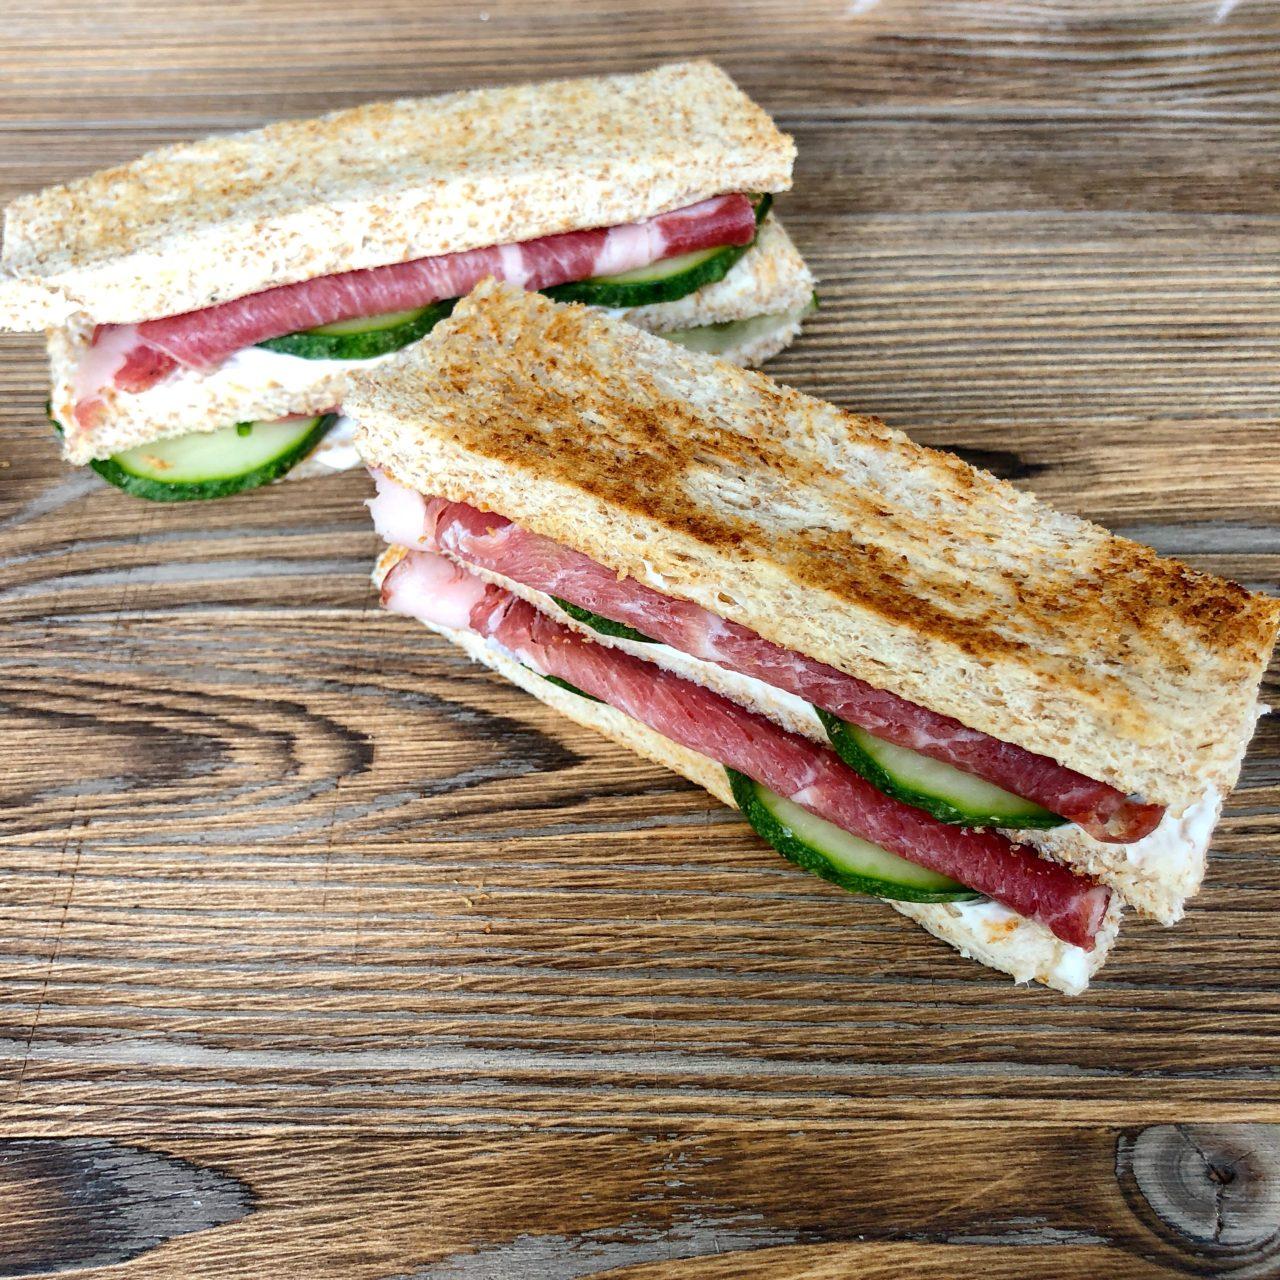 Фингер сэндвичи с ростбифом и мягким сыром